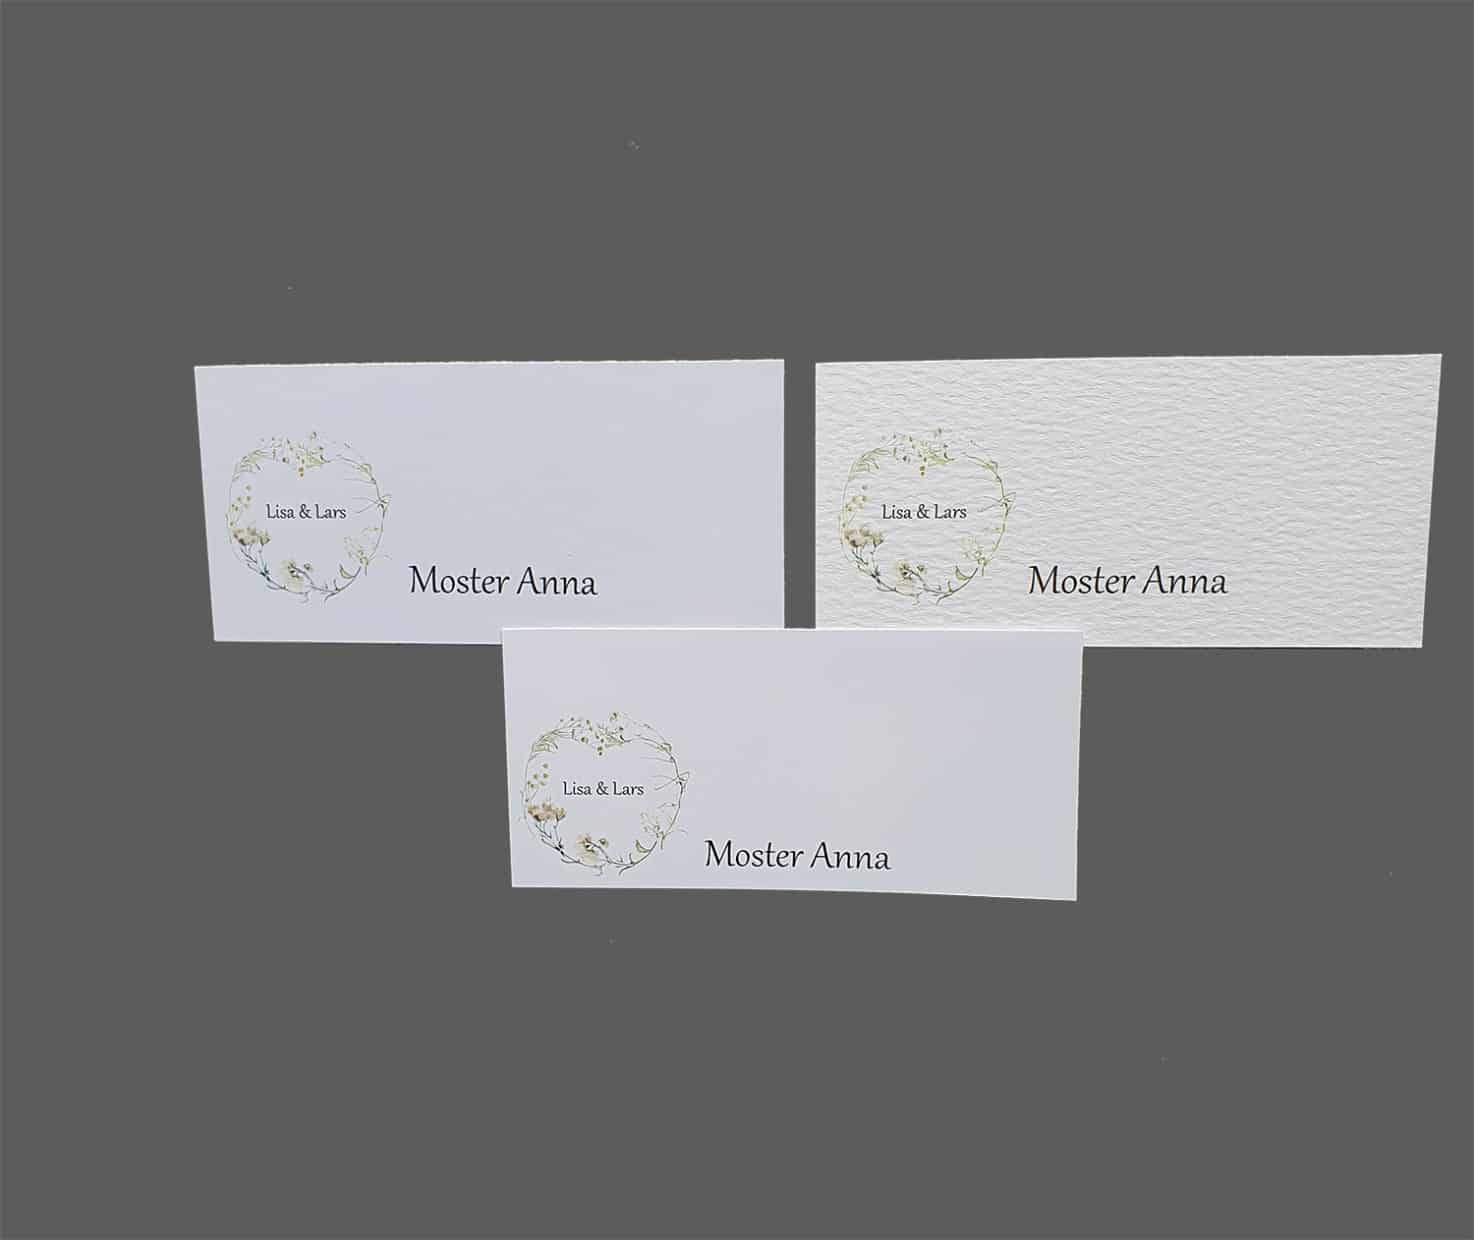 Bordkort med løvfald printet på karton